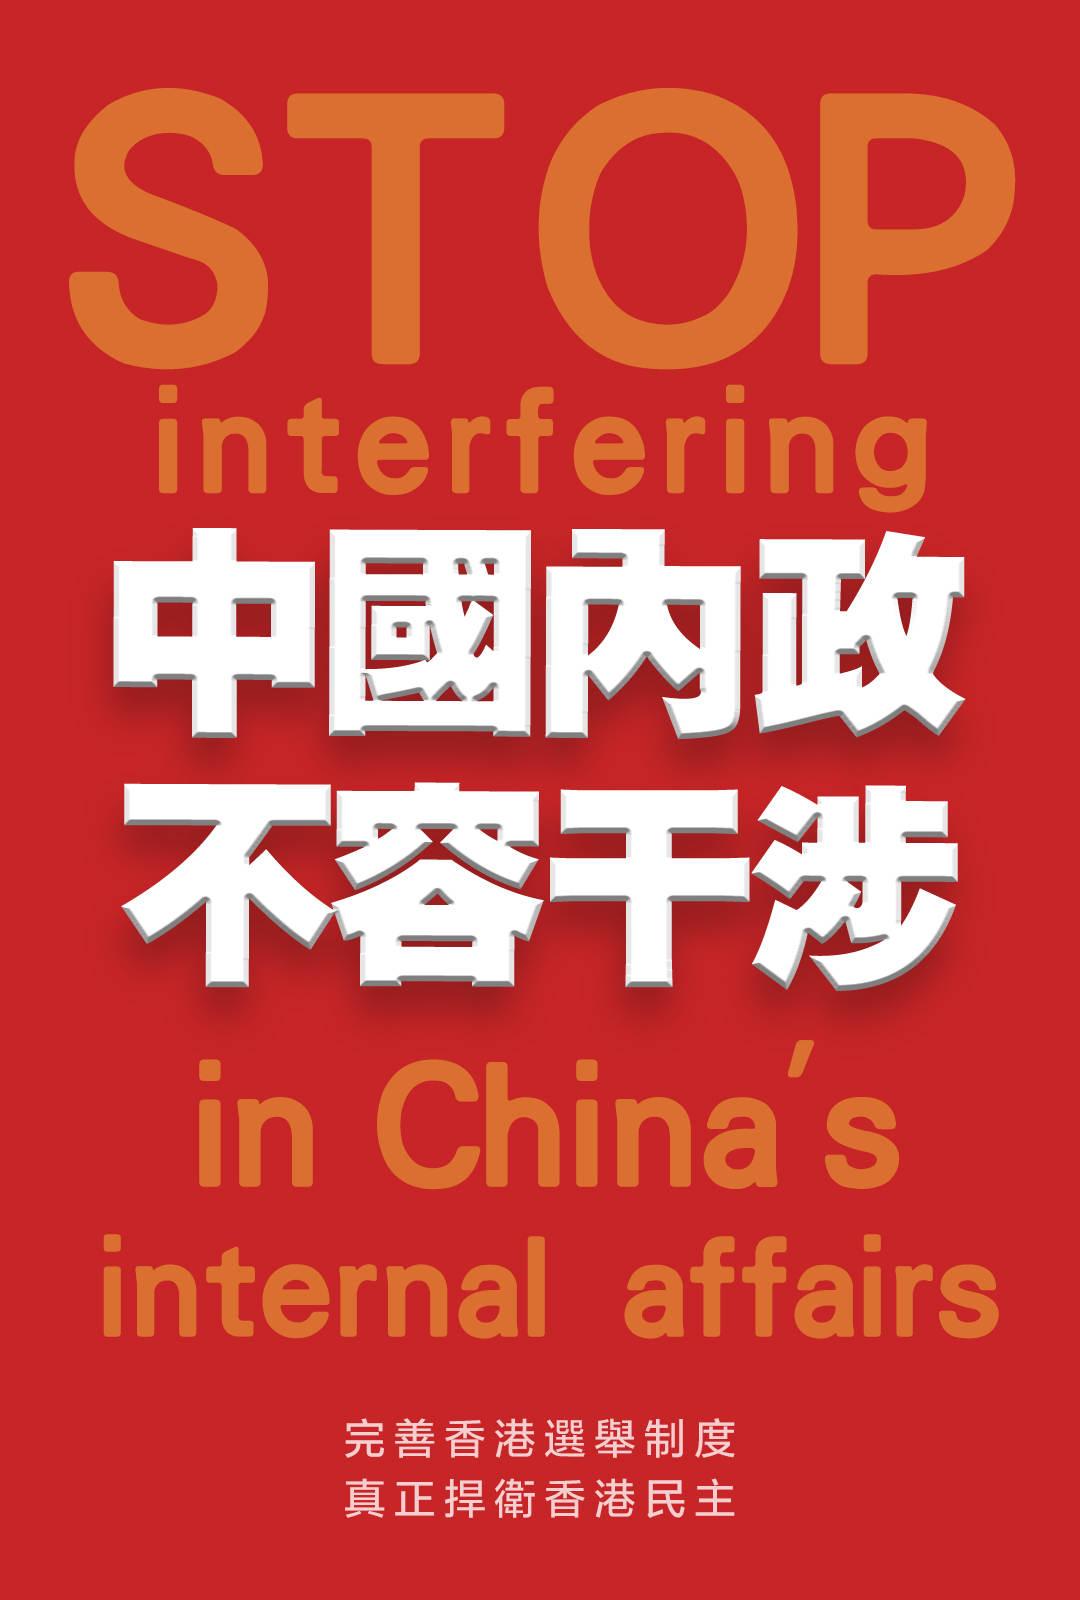 星耀平台登录:人民锐评:完善香港选举制度是发展优质民主重要探索